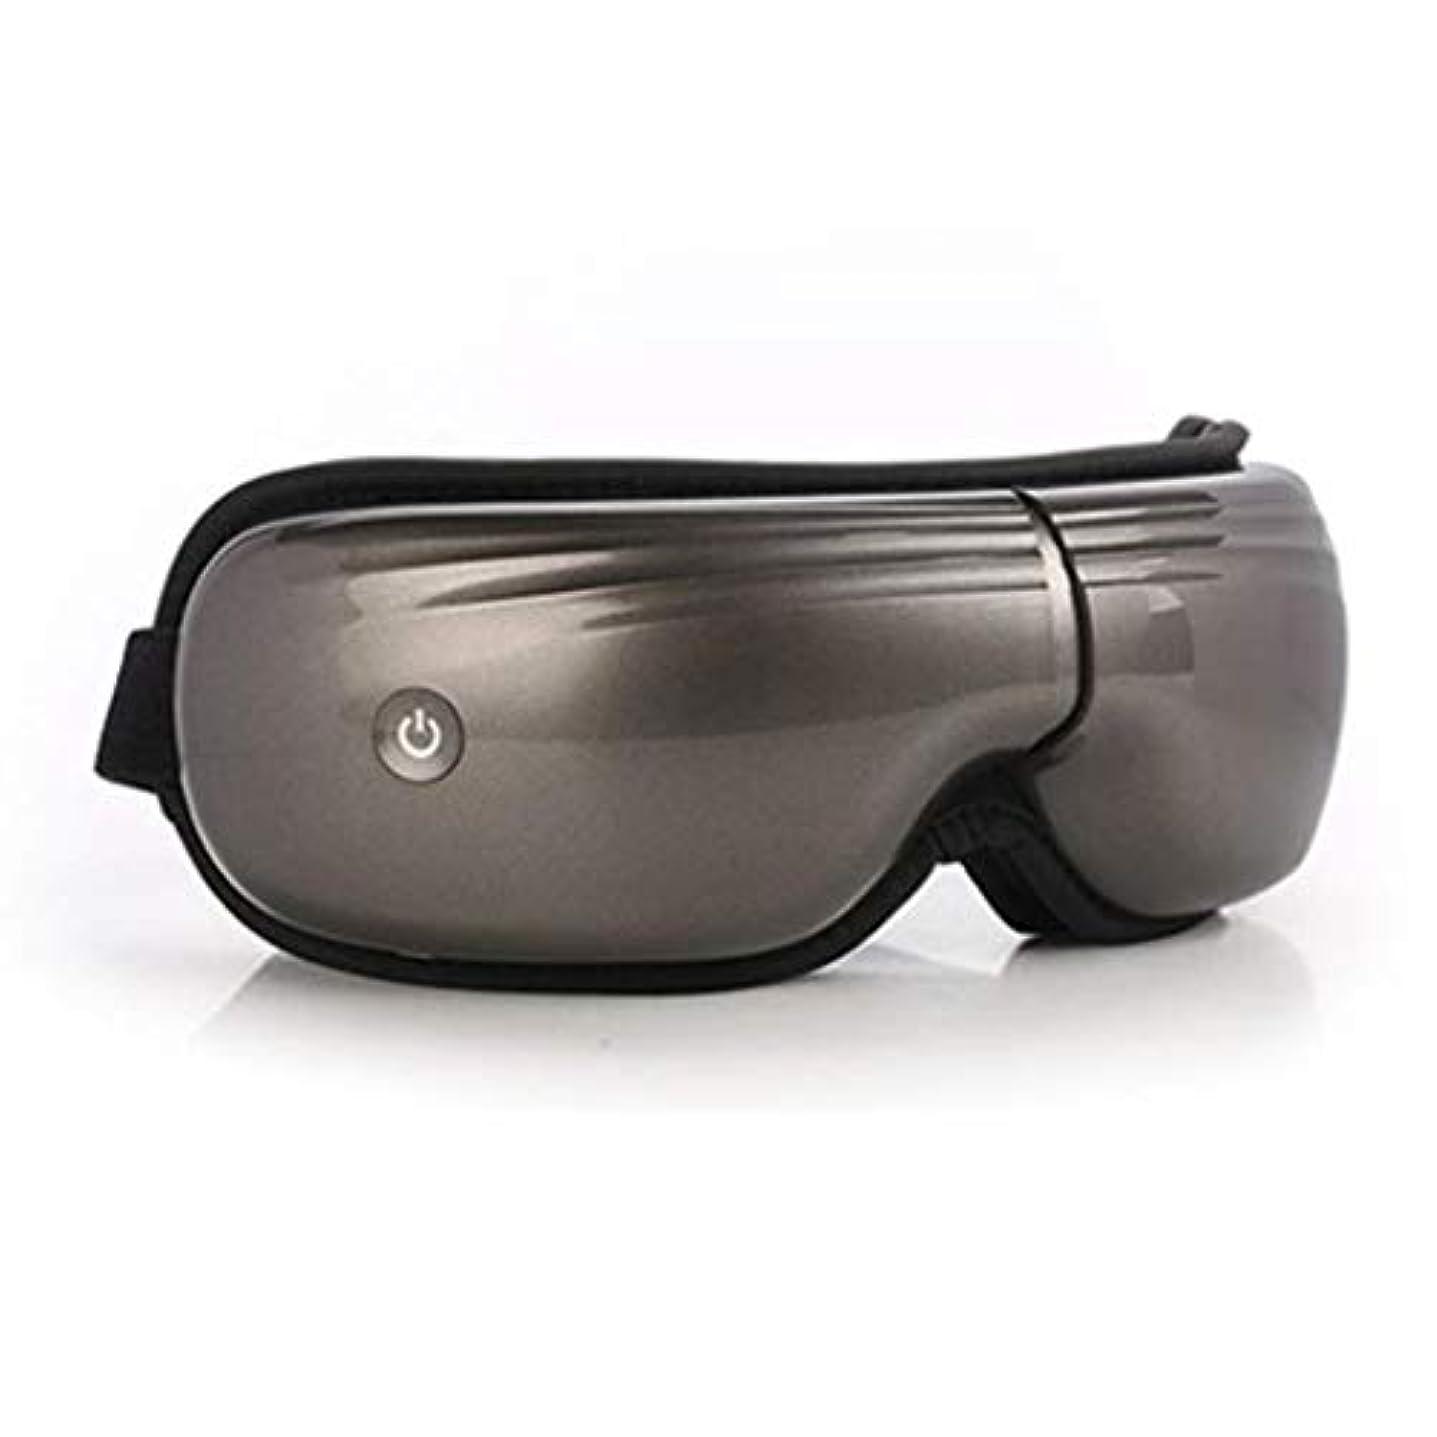 毒液シソーラス芝生アイマッサージアイマスク、アイマッサージャー、USB充電式ポータブルアイツール、ホットコンプレッションおよびフォールディングホーム、ダークサークルアイバッグおよびアイ疲労の改善、いつでも、いつでも持ち運びが簡単